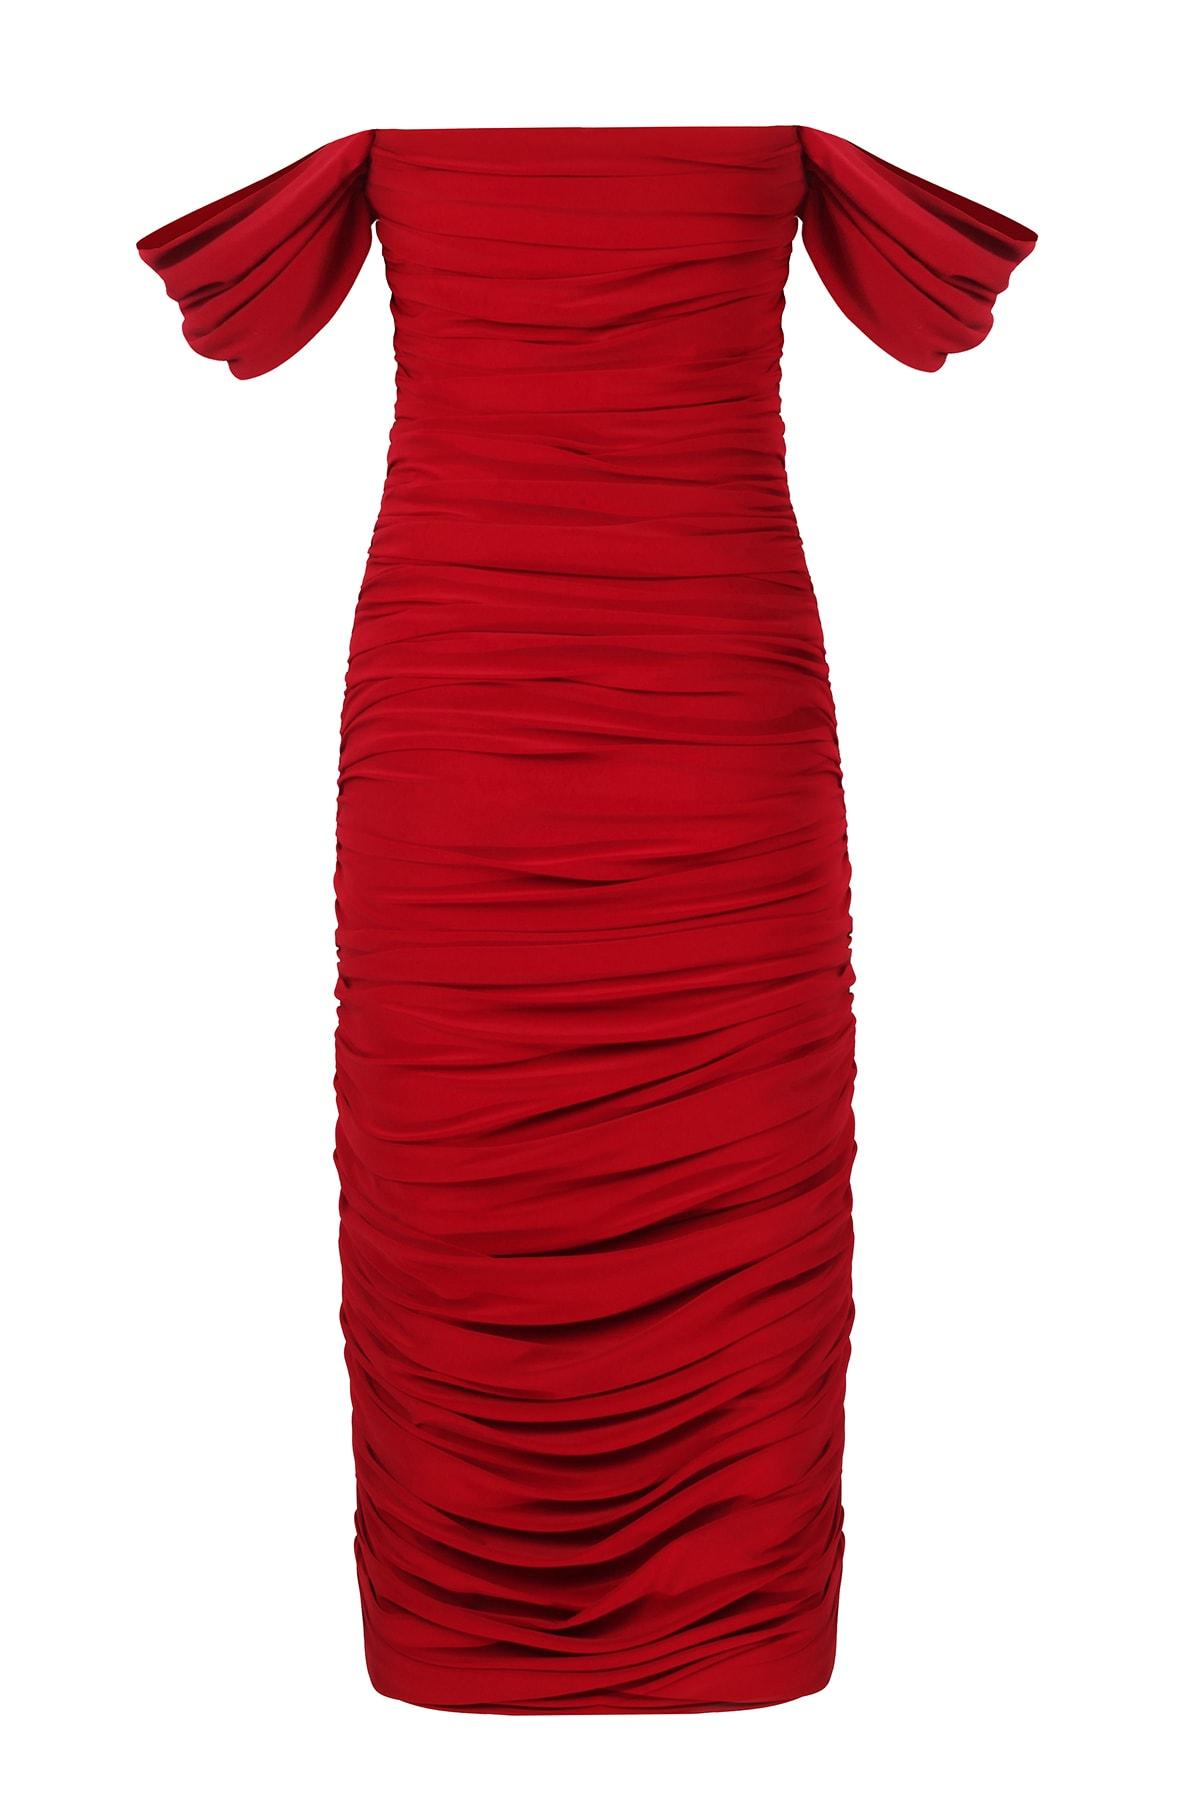 Whenever Company Düşük Kol Degajeli Drapeli Midi Kırmızı Elbise 2